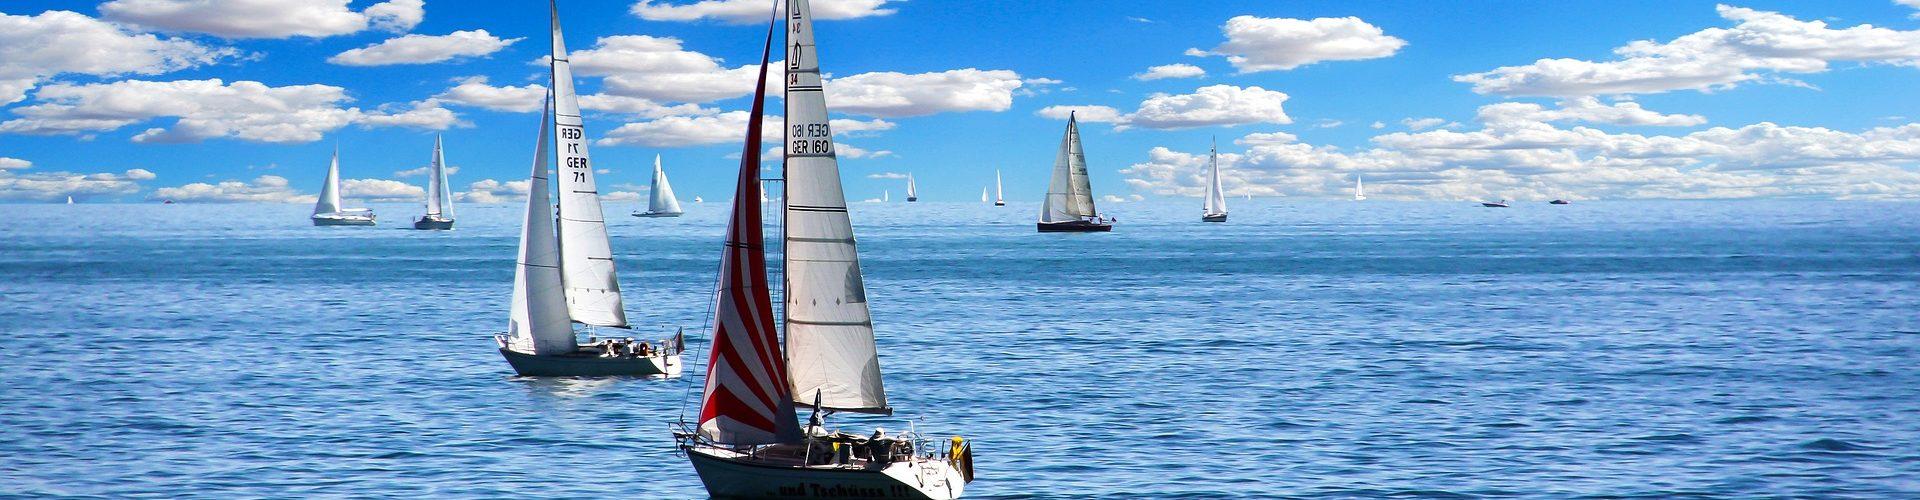 segeln lernen in Cham segelschein machen in Cham 1920x500 - Segeln lernen in Cham